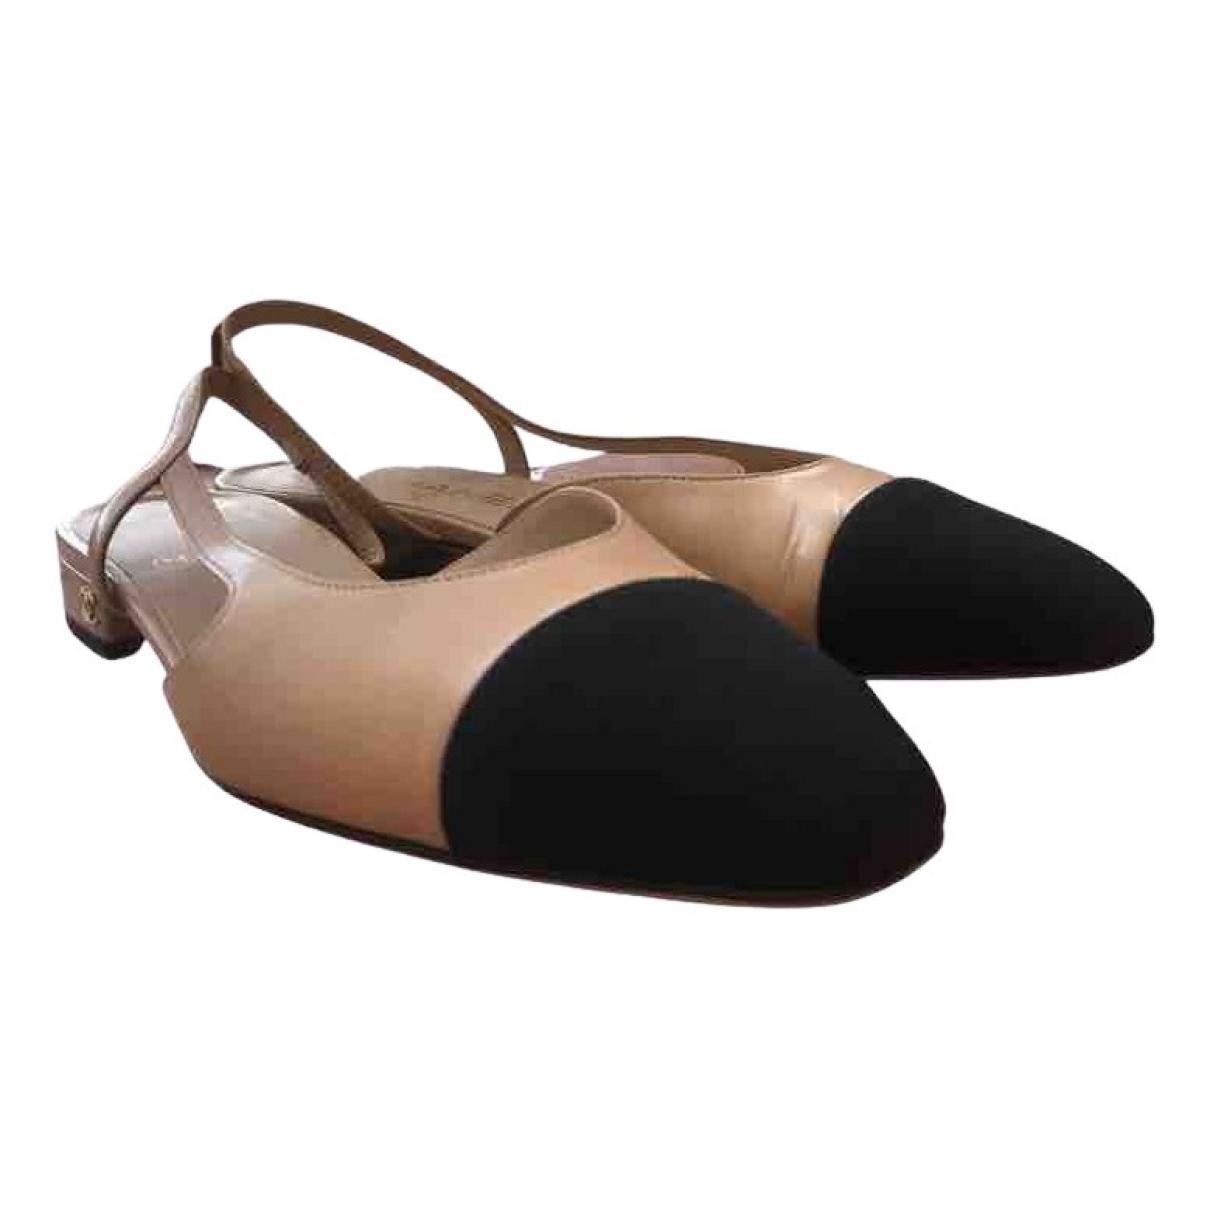 Bailarinas Slingback de Cuero Chanel